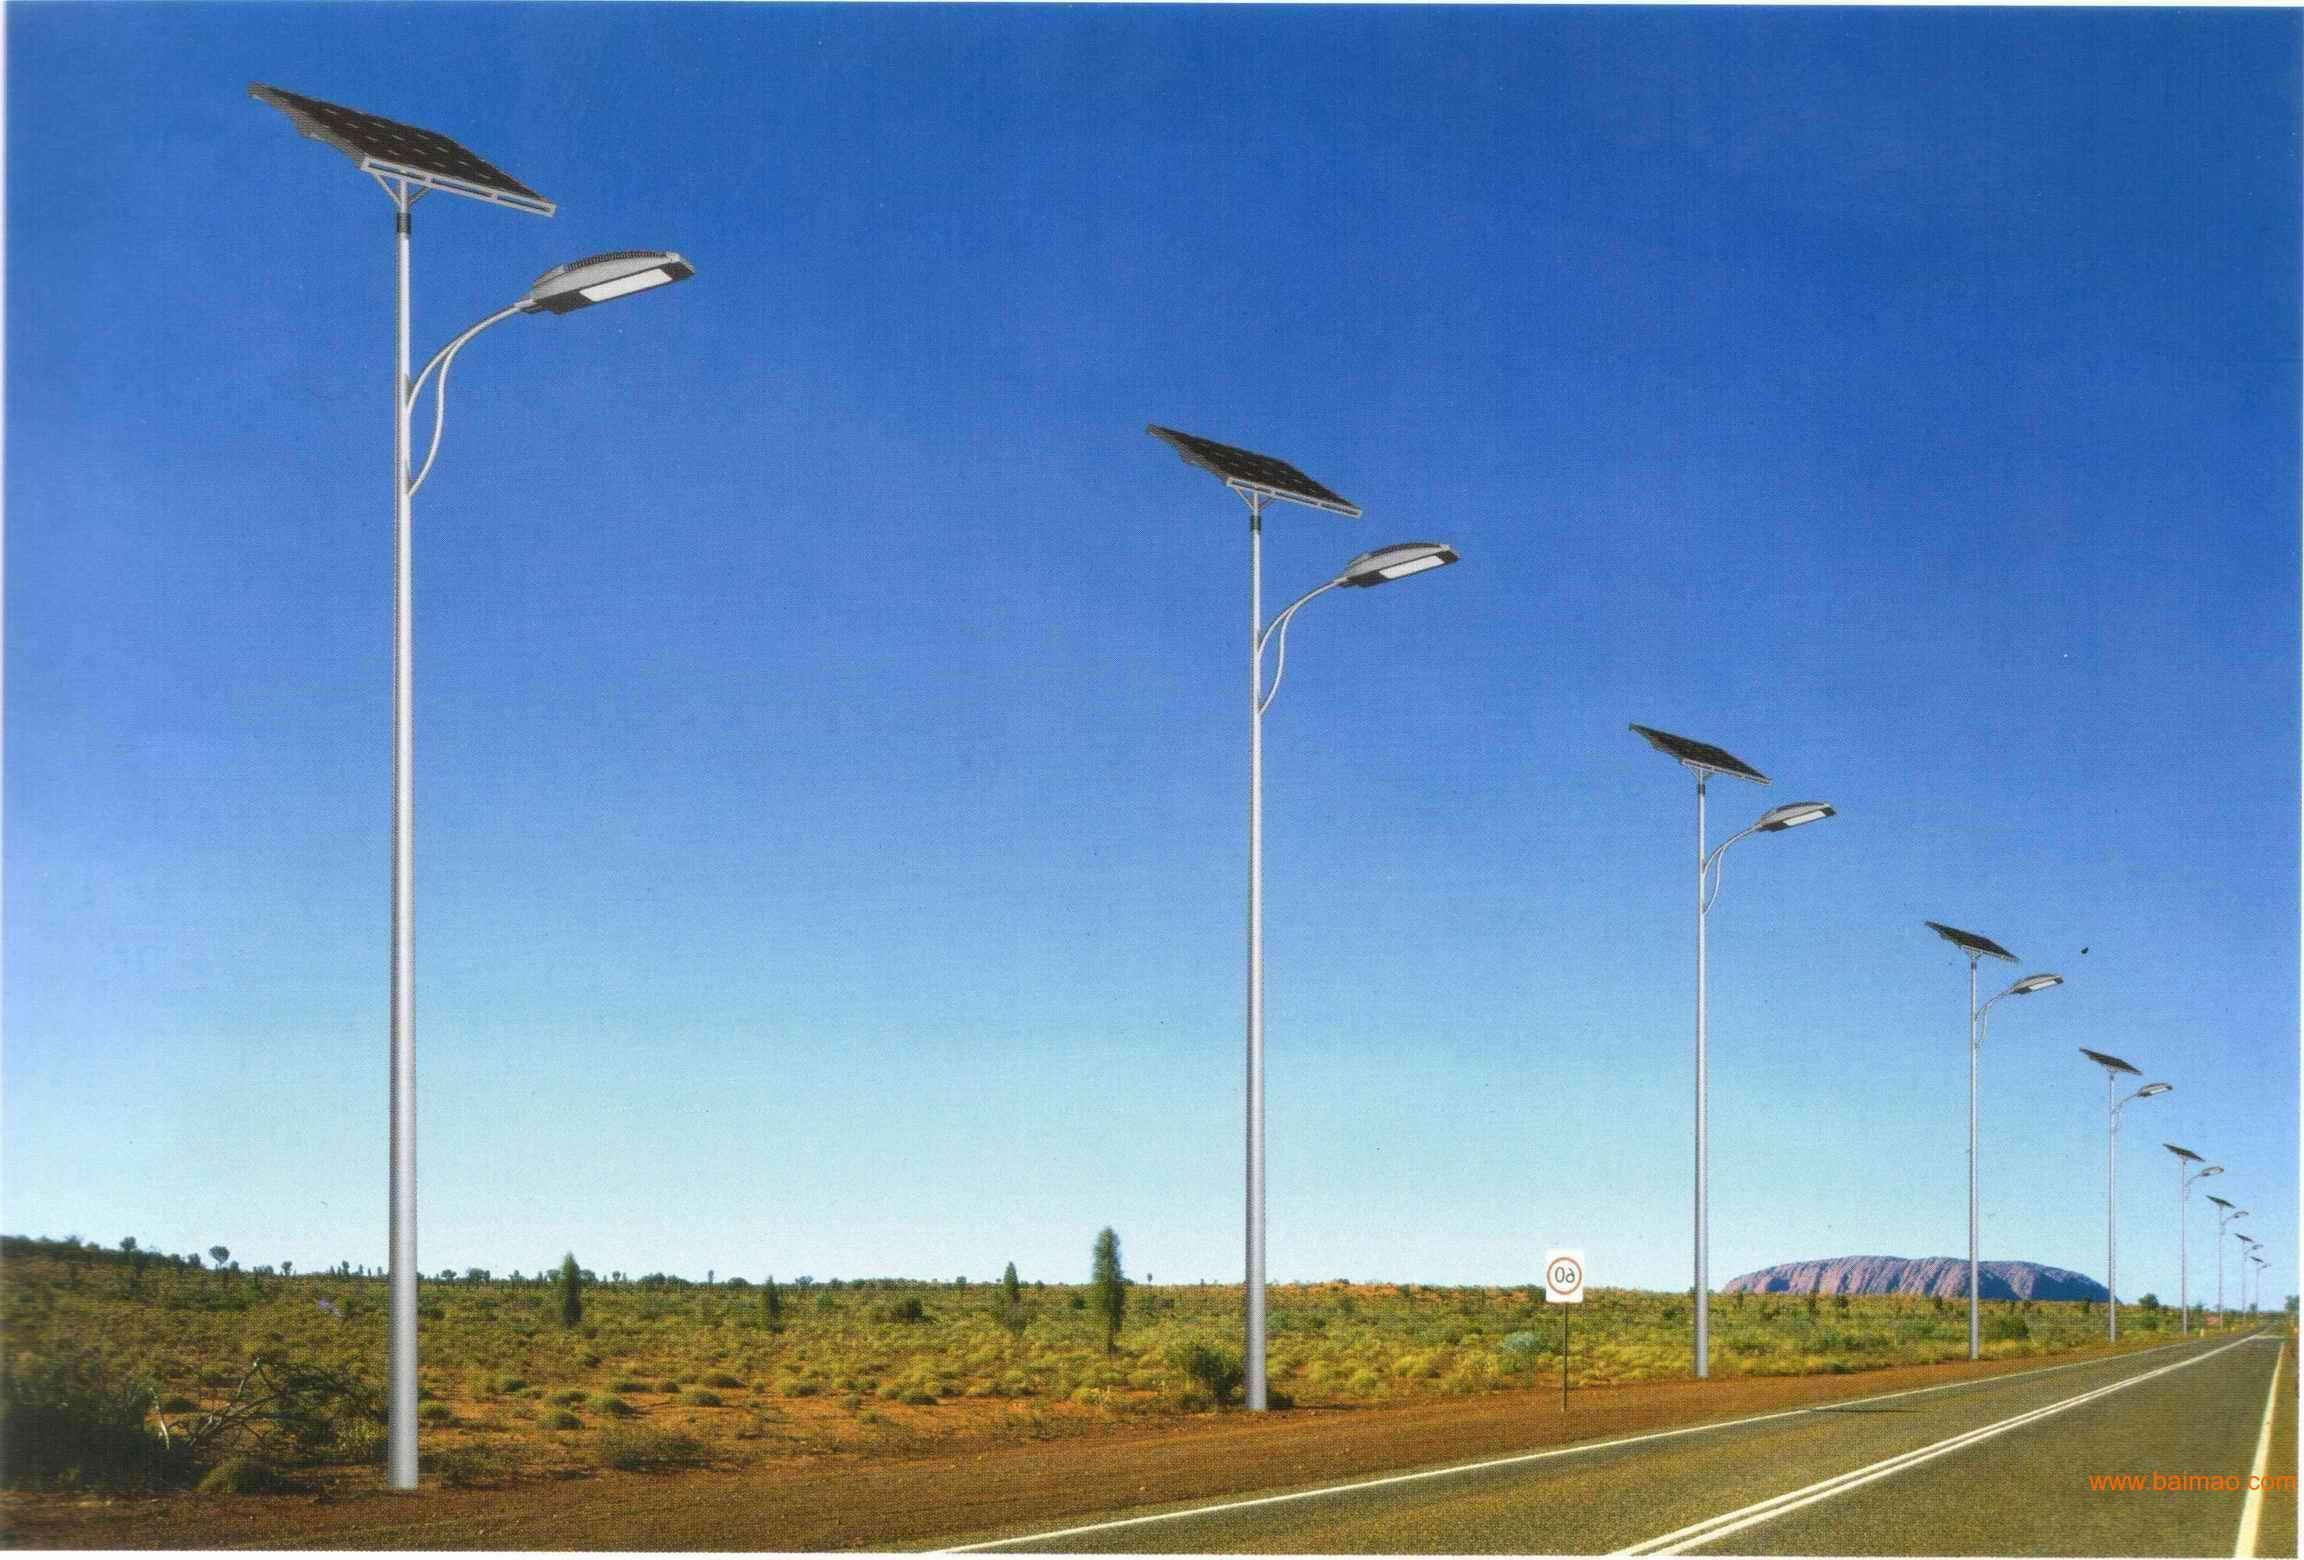 太阳能路灯的常见问题及解决方法,你知道是多少?